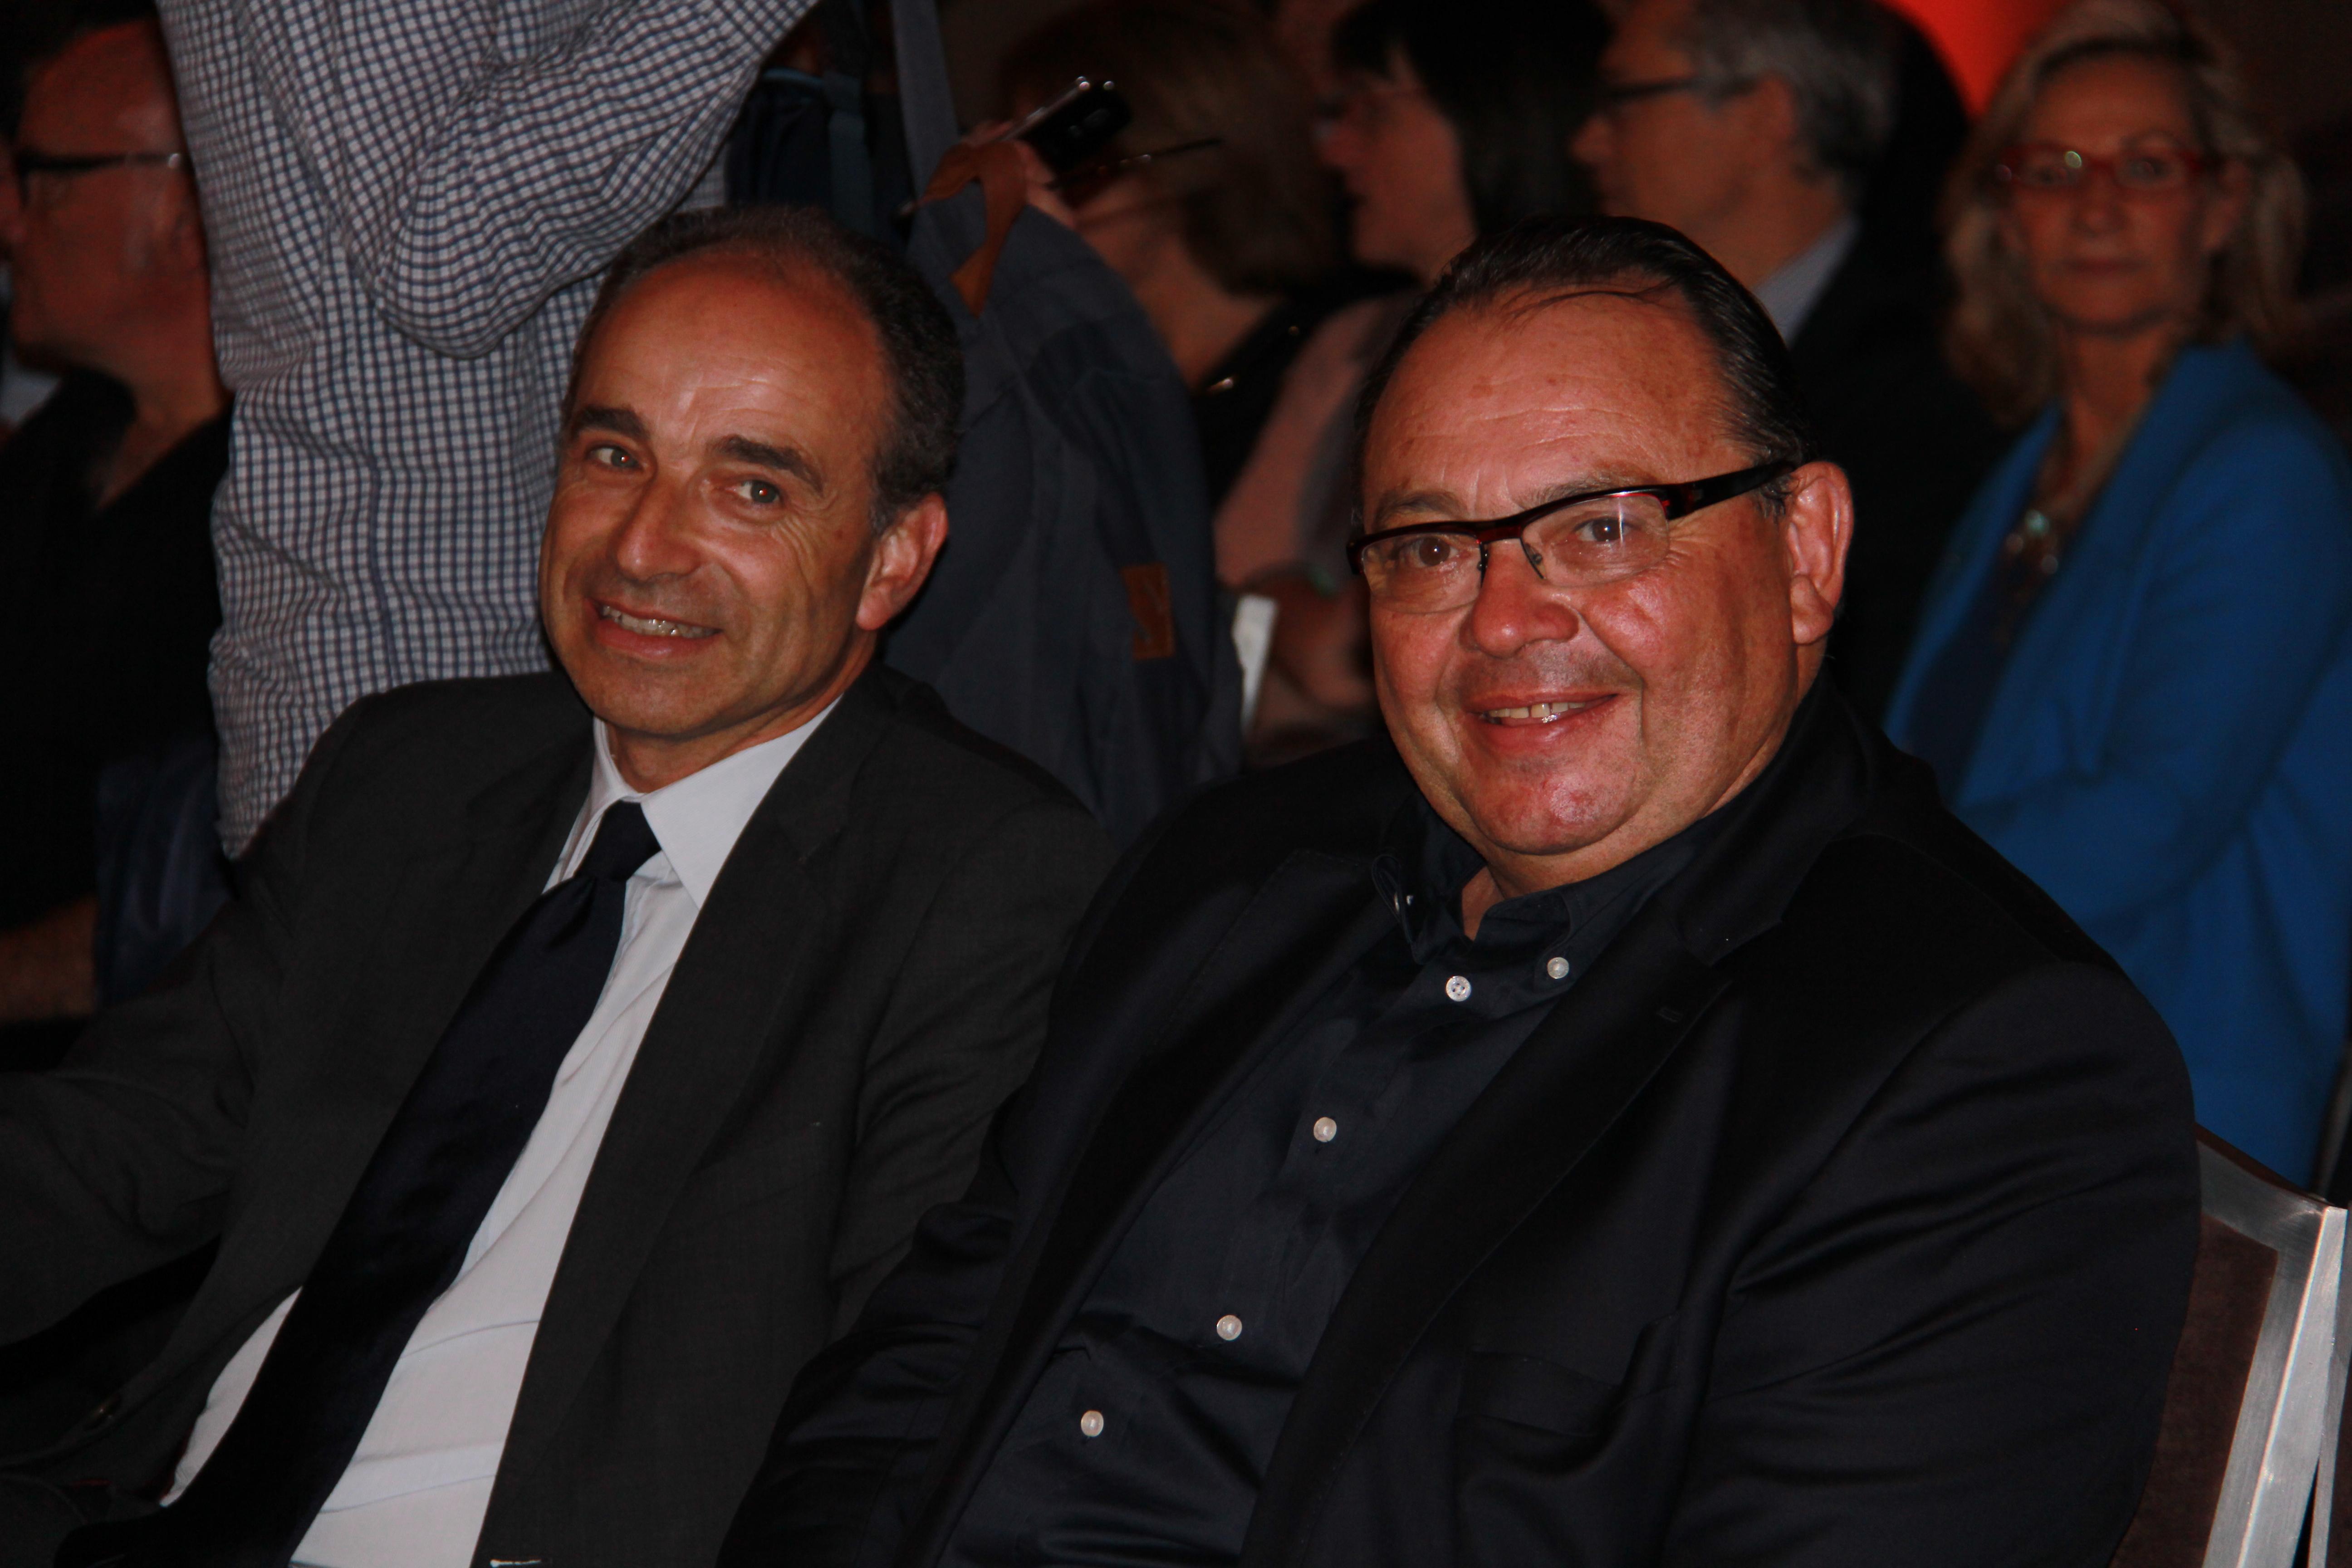 Jean-François Copé - Député-maire de Meaux et Patrick Mennuci - Député des Bouches-du-Rhöne